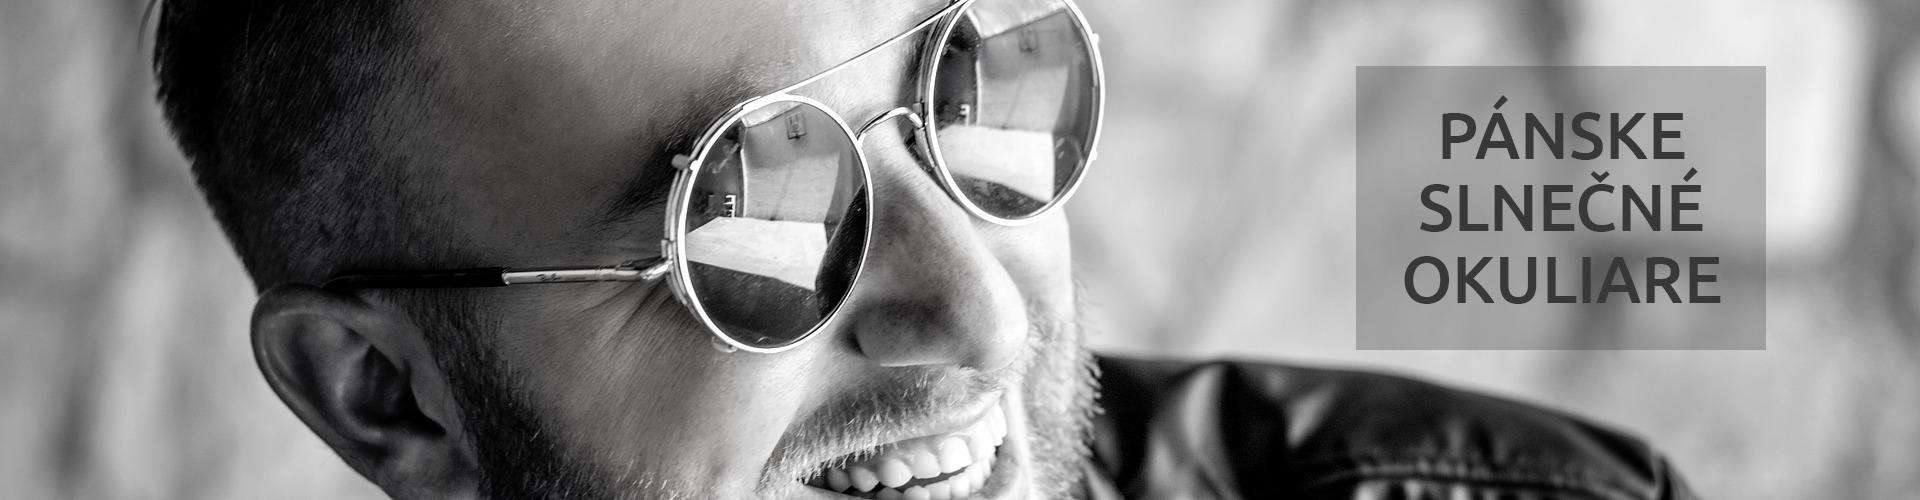 Slnečné a dioptrické okuliare online - OptiGemini cb87763f64e